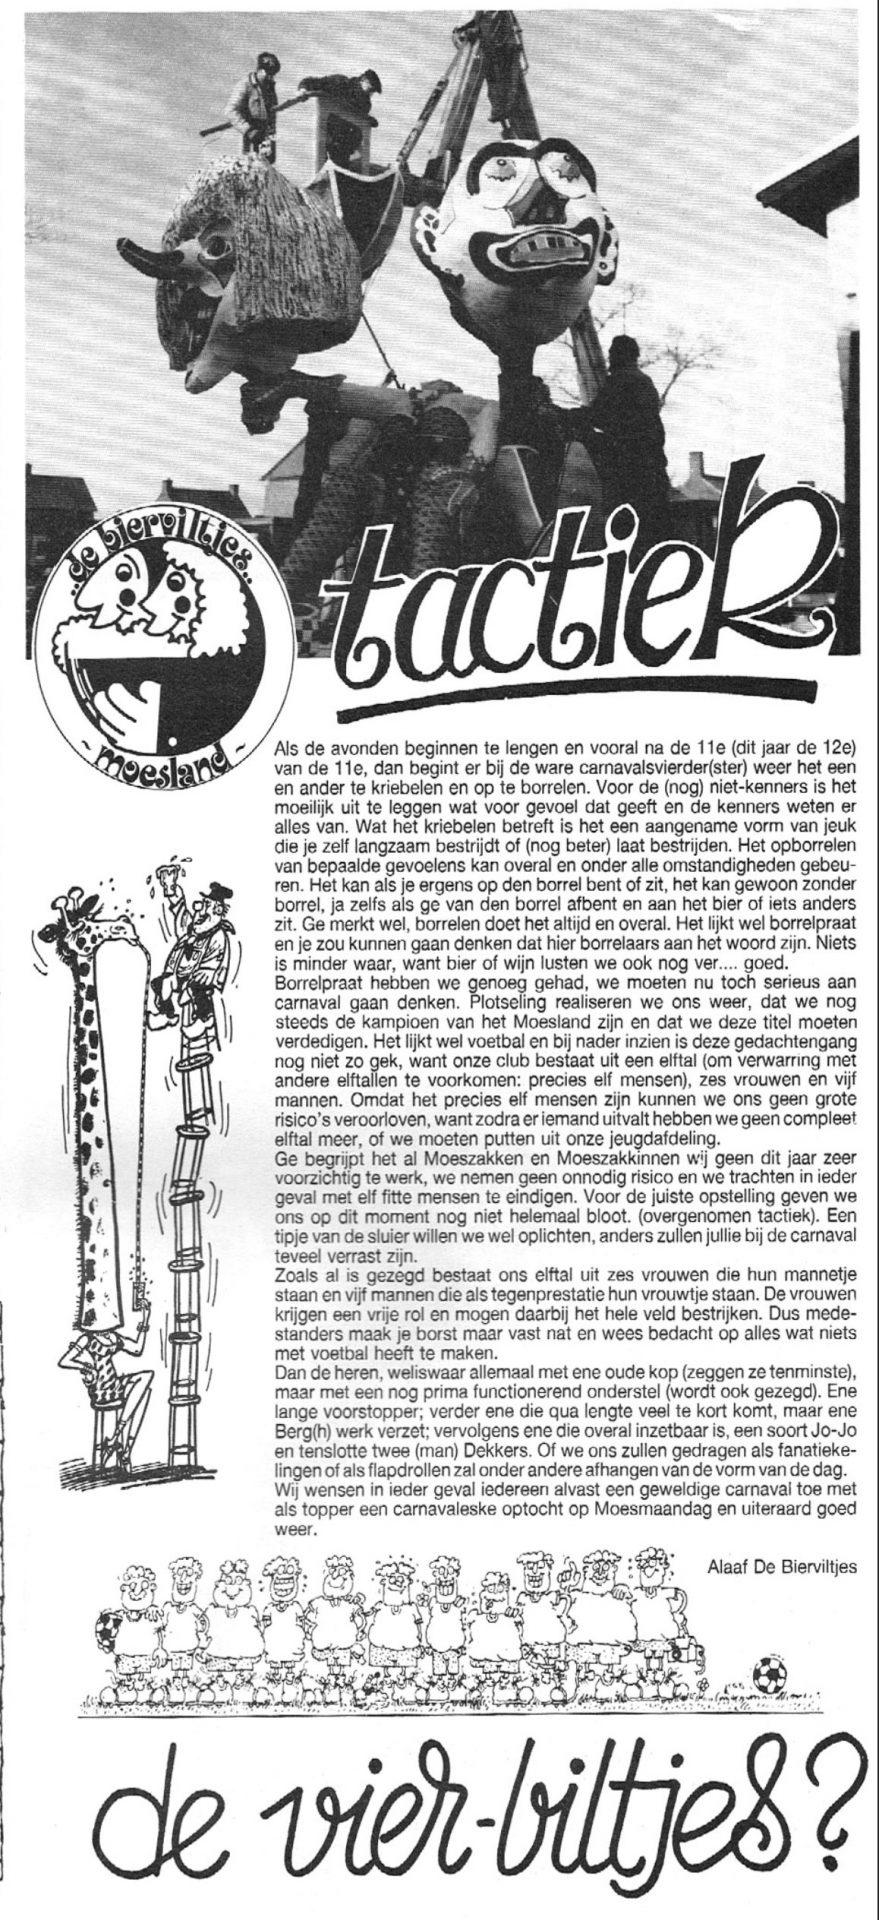 Stuk uit de carnavalskrant van de Bierviltjes - 1989